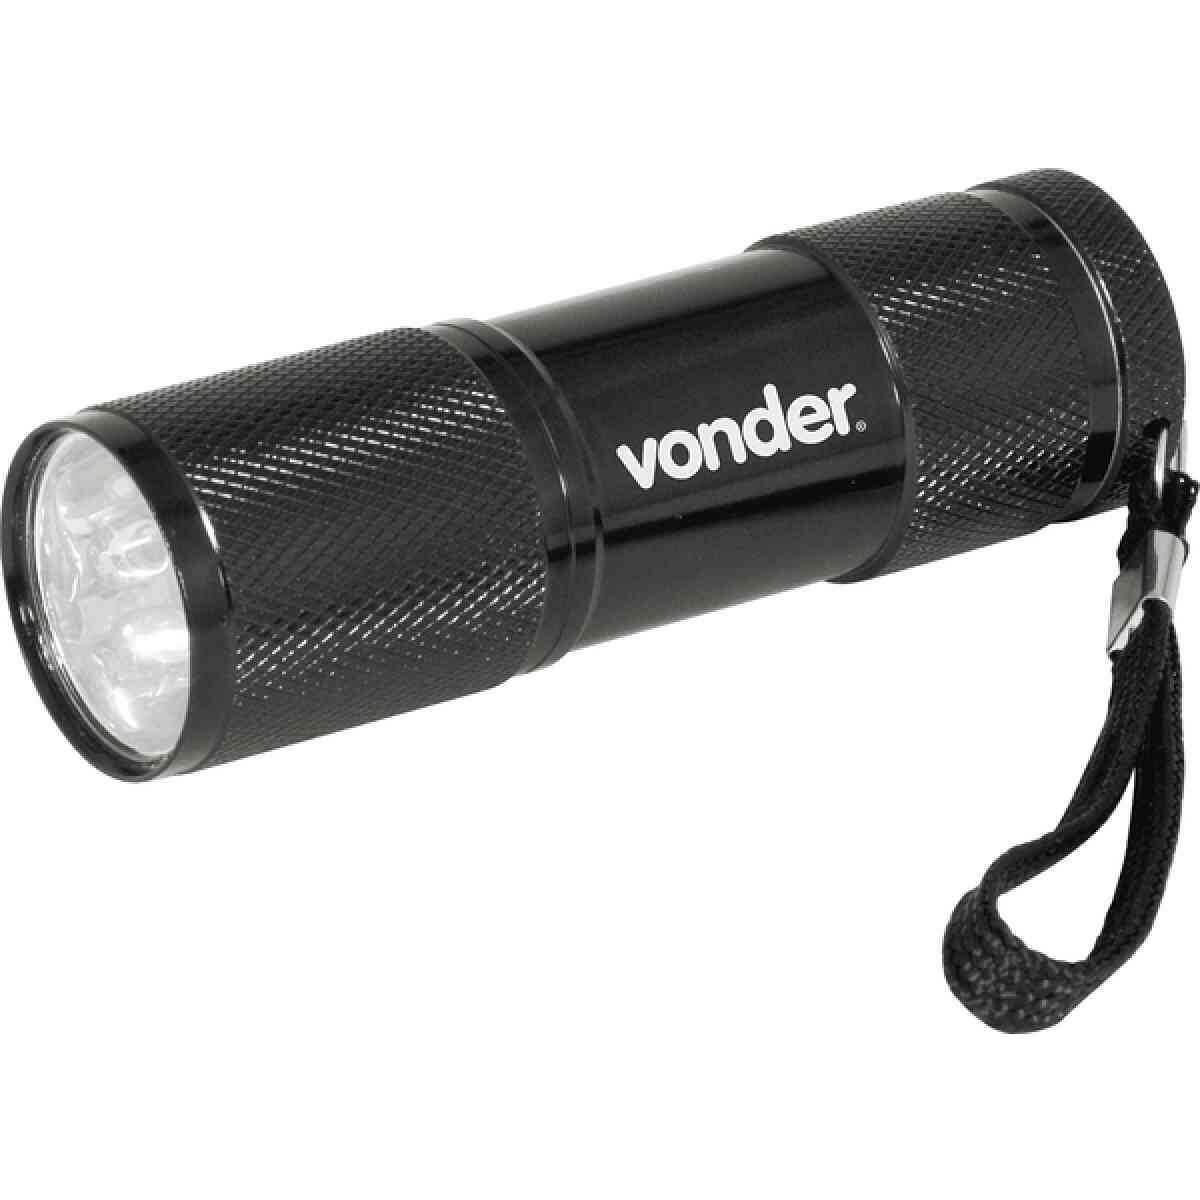 Lanterna Chaveiro com 9 Leds Vonder